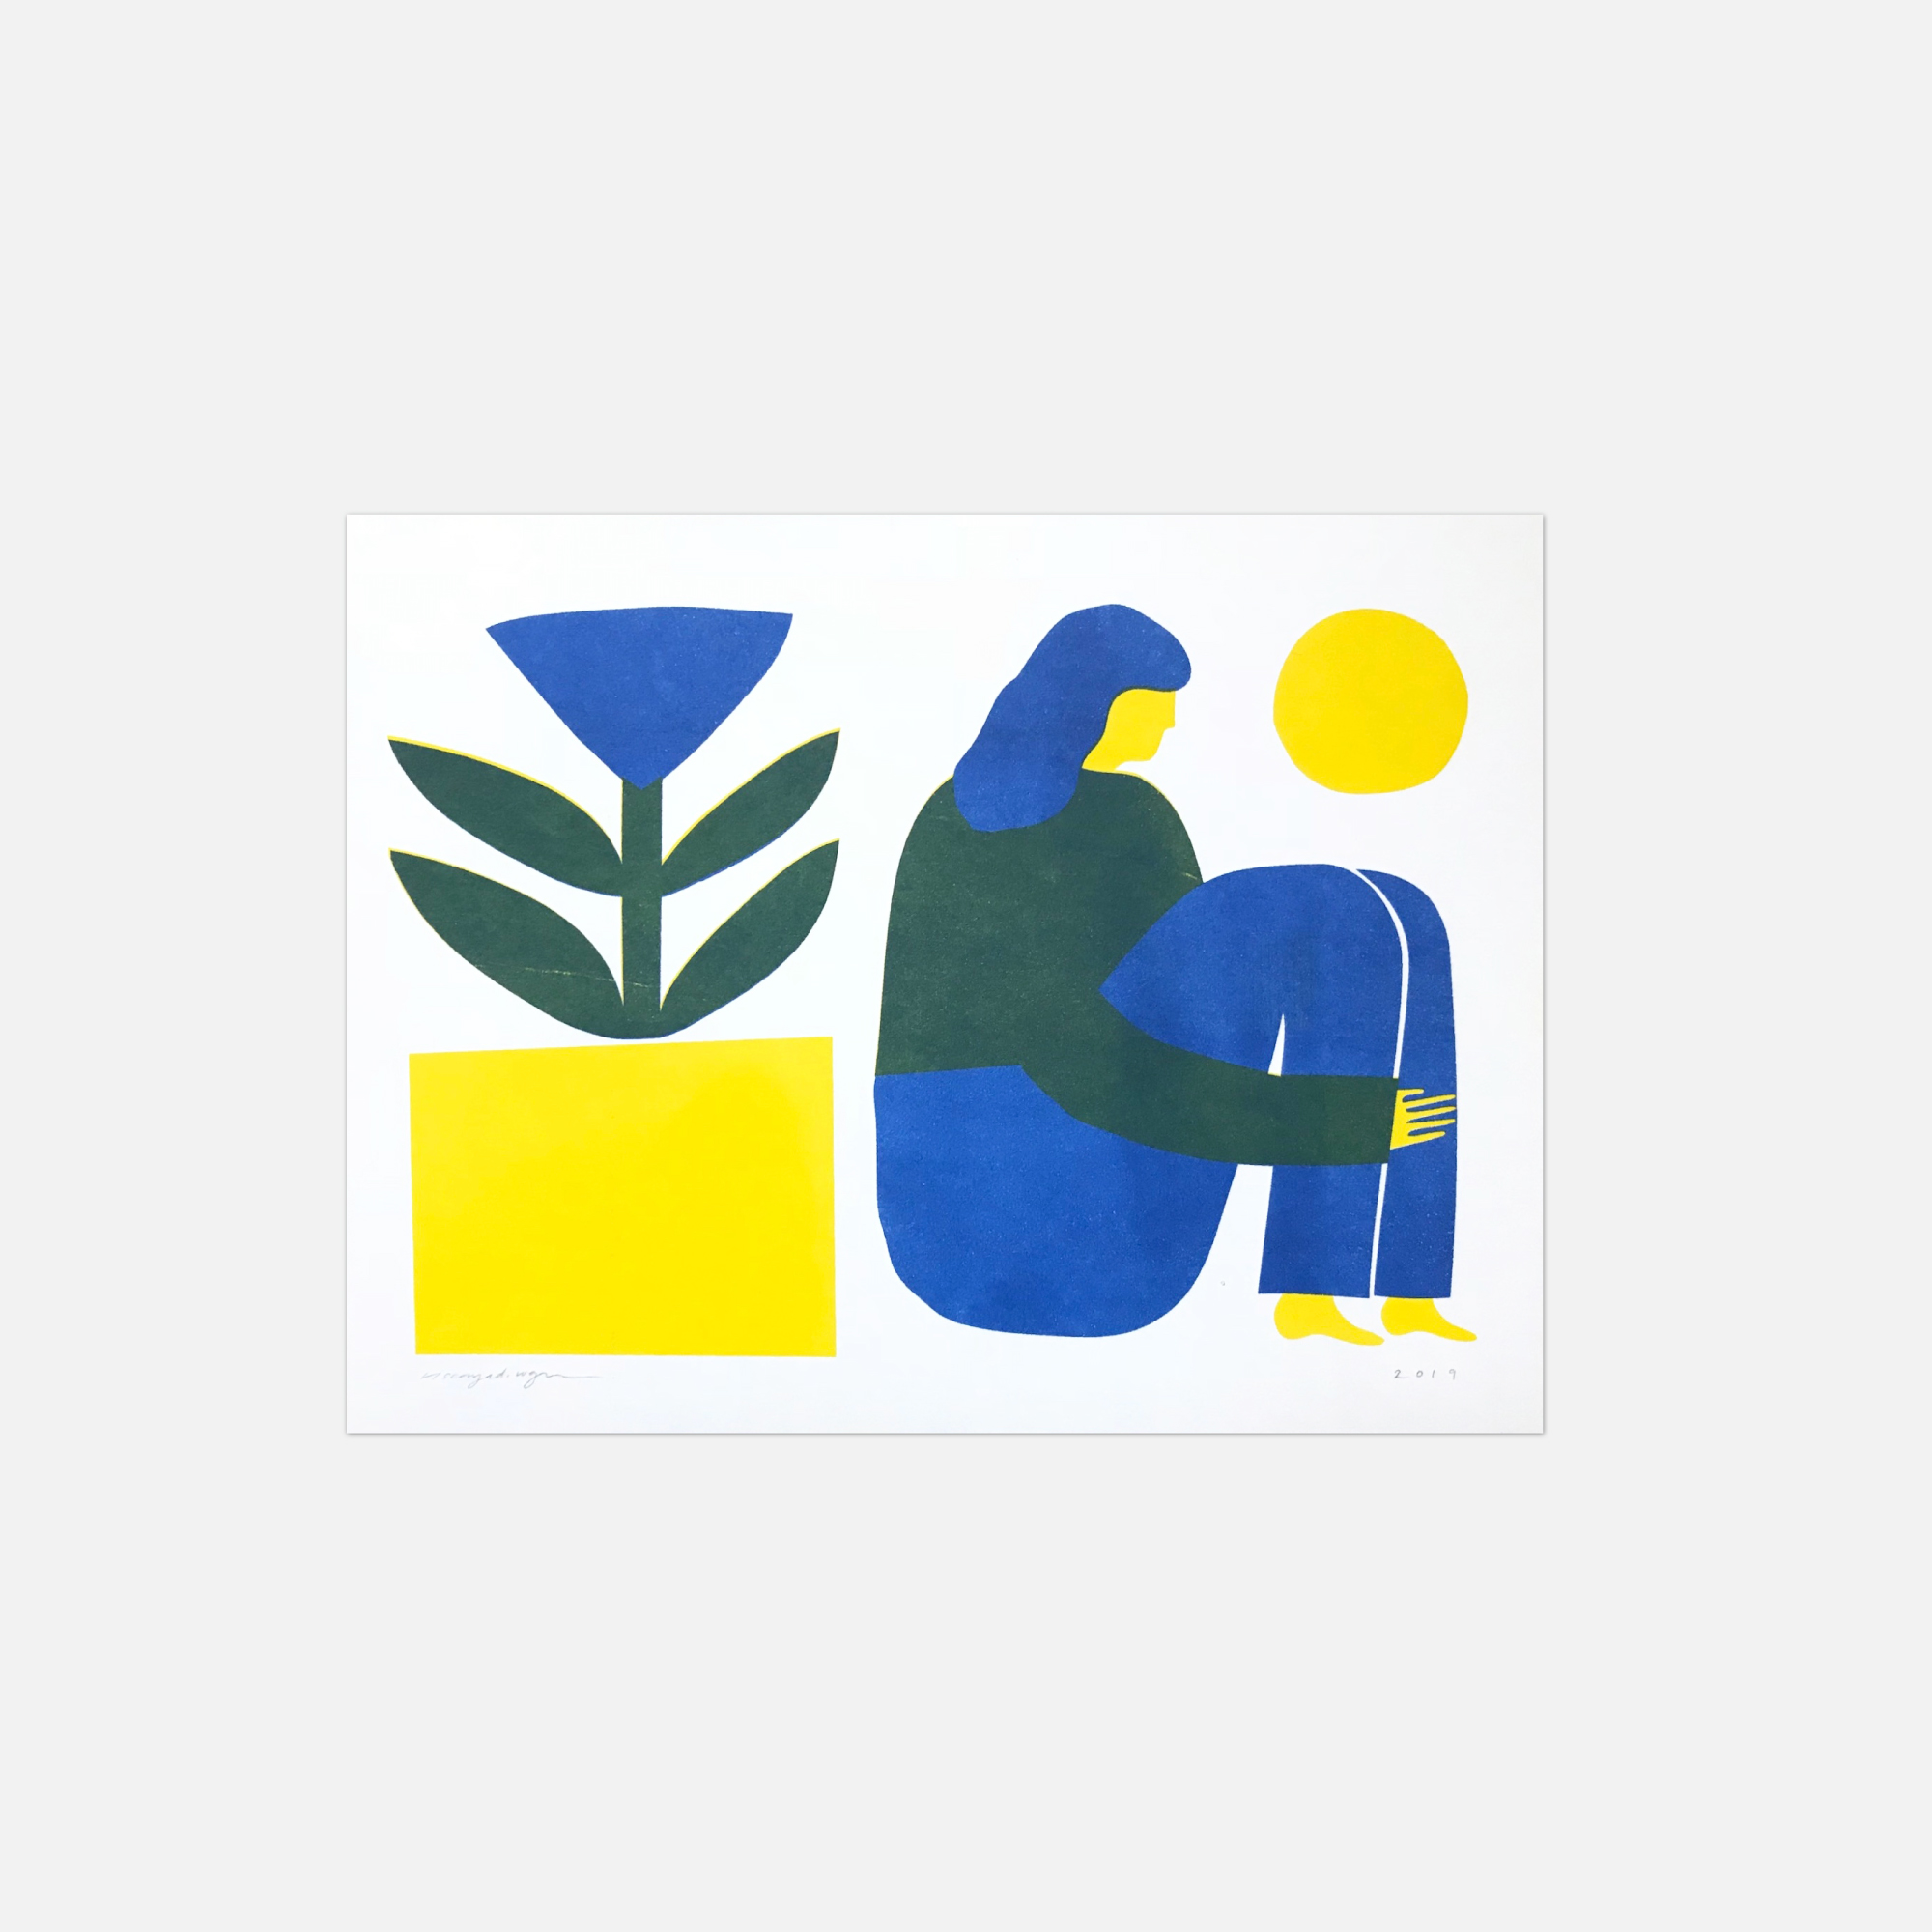 honeyandrust_viscayawagner_morning-sun_illustration.jpg